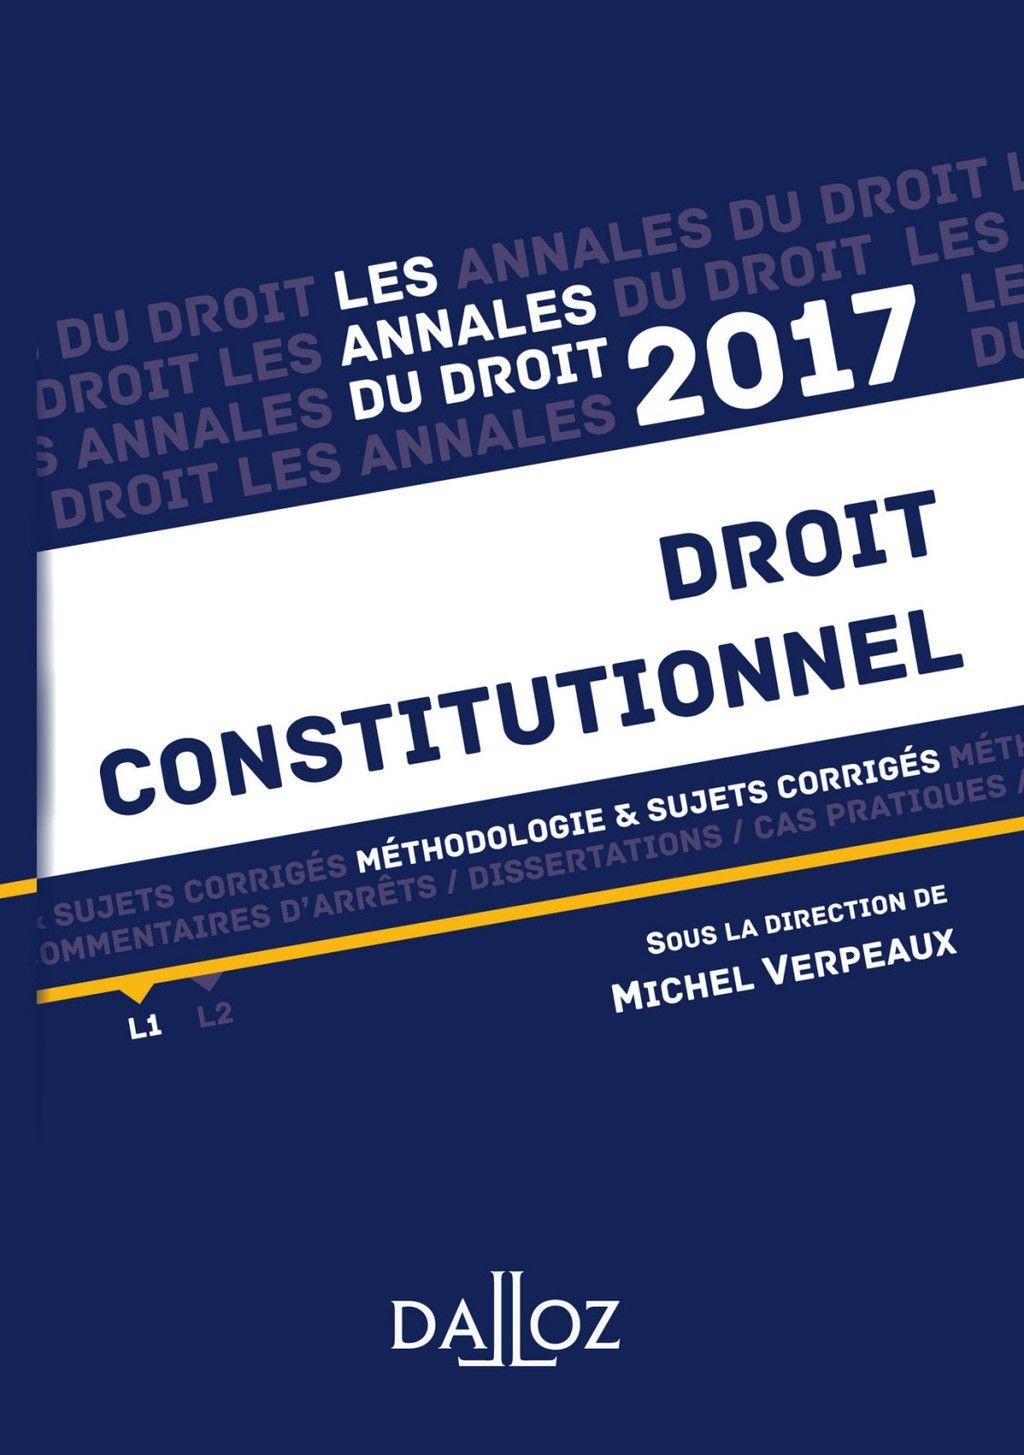 Annale Droit Constitutionnel 2017 Ebook Book Cover Boarding Pas Books Dissertation De Obligation L2